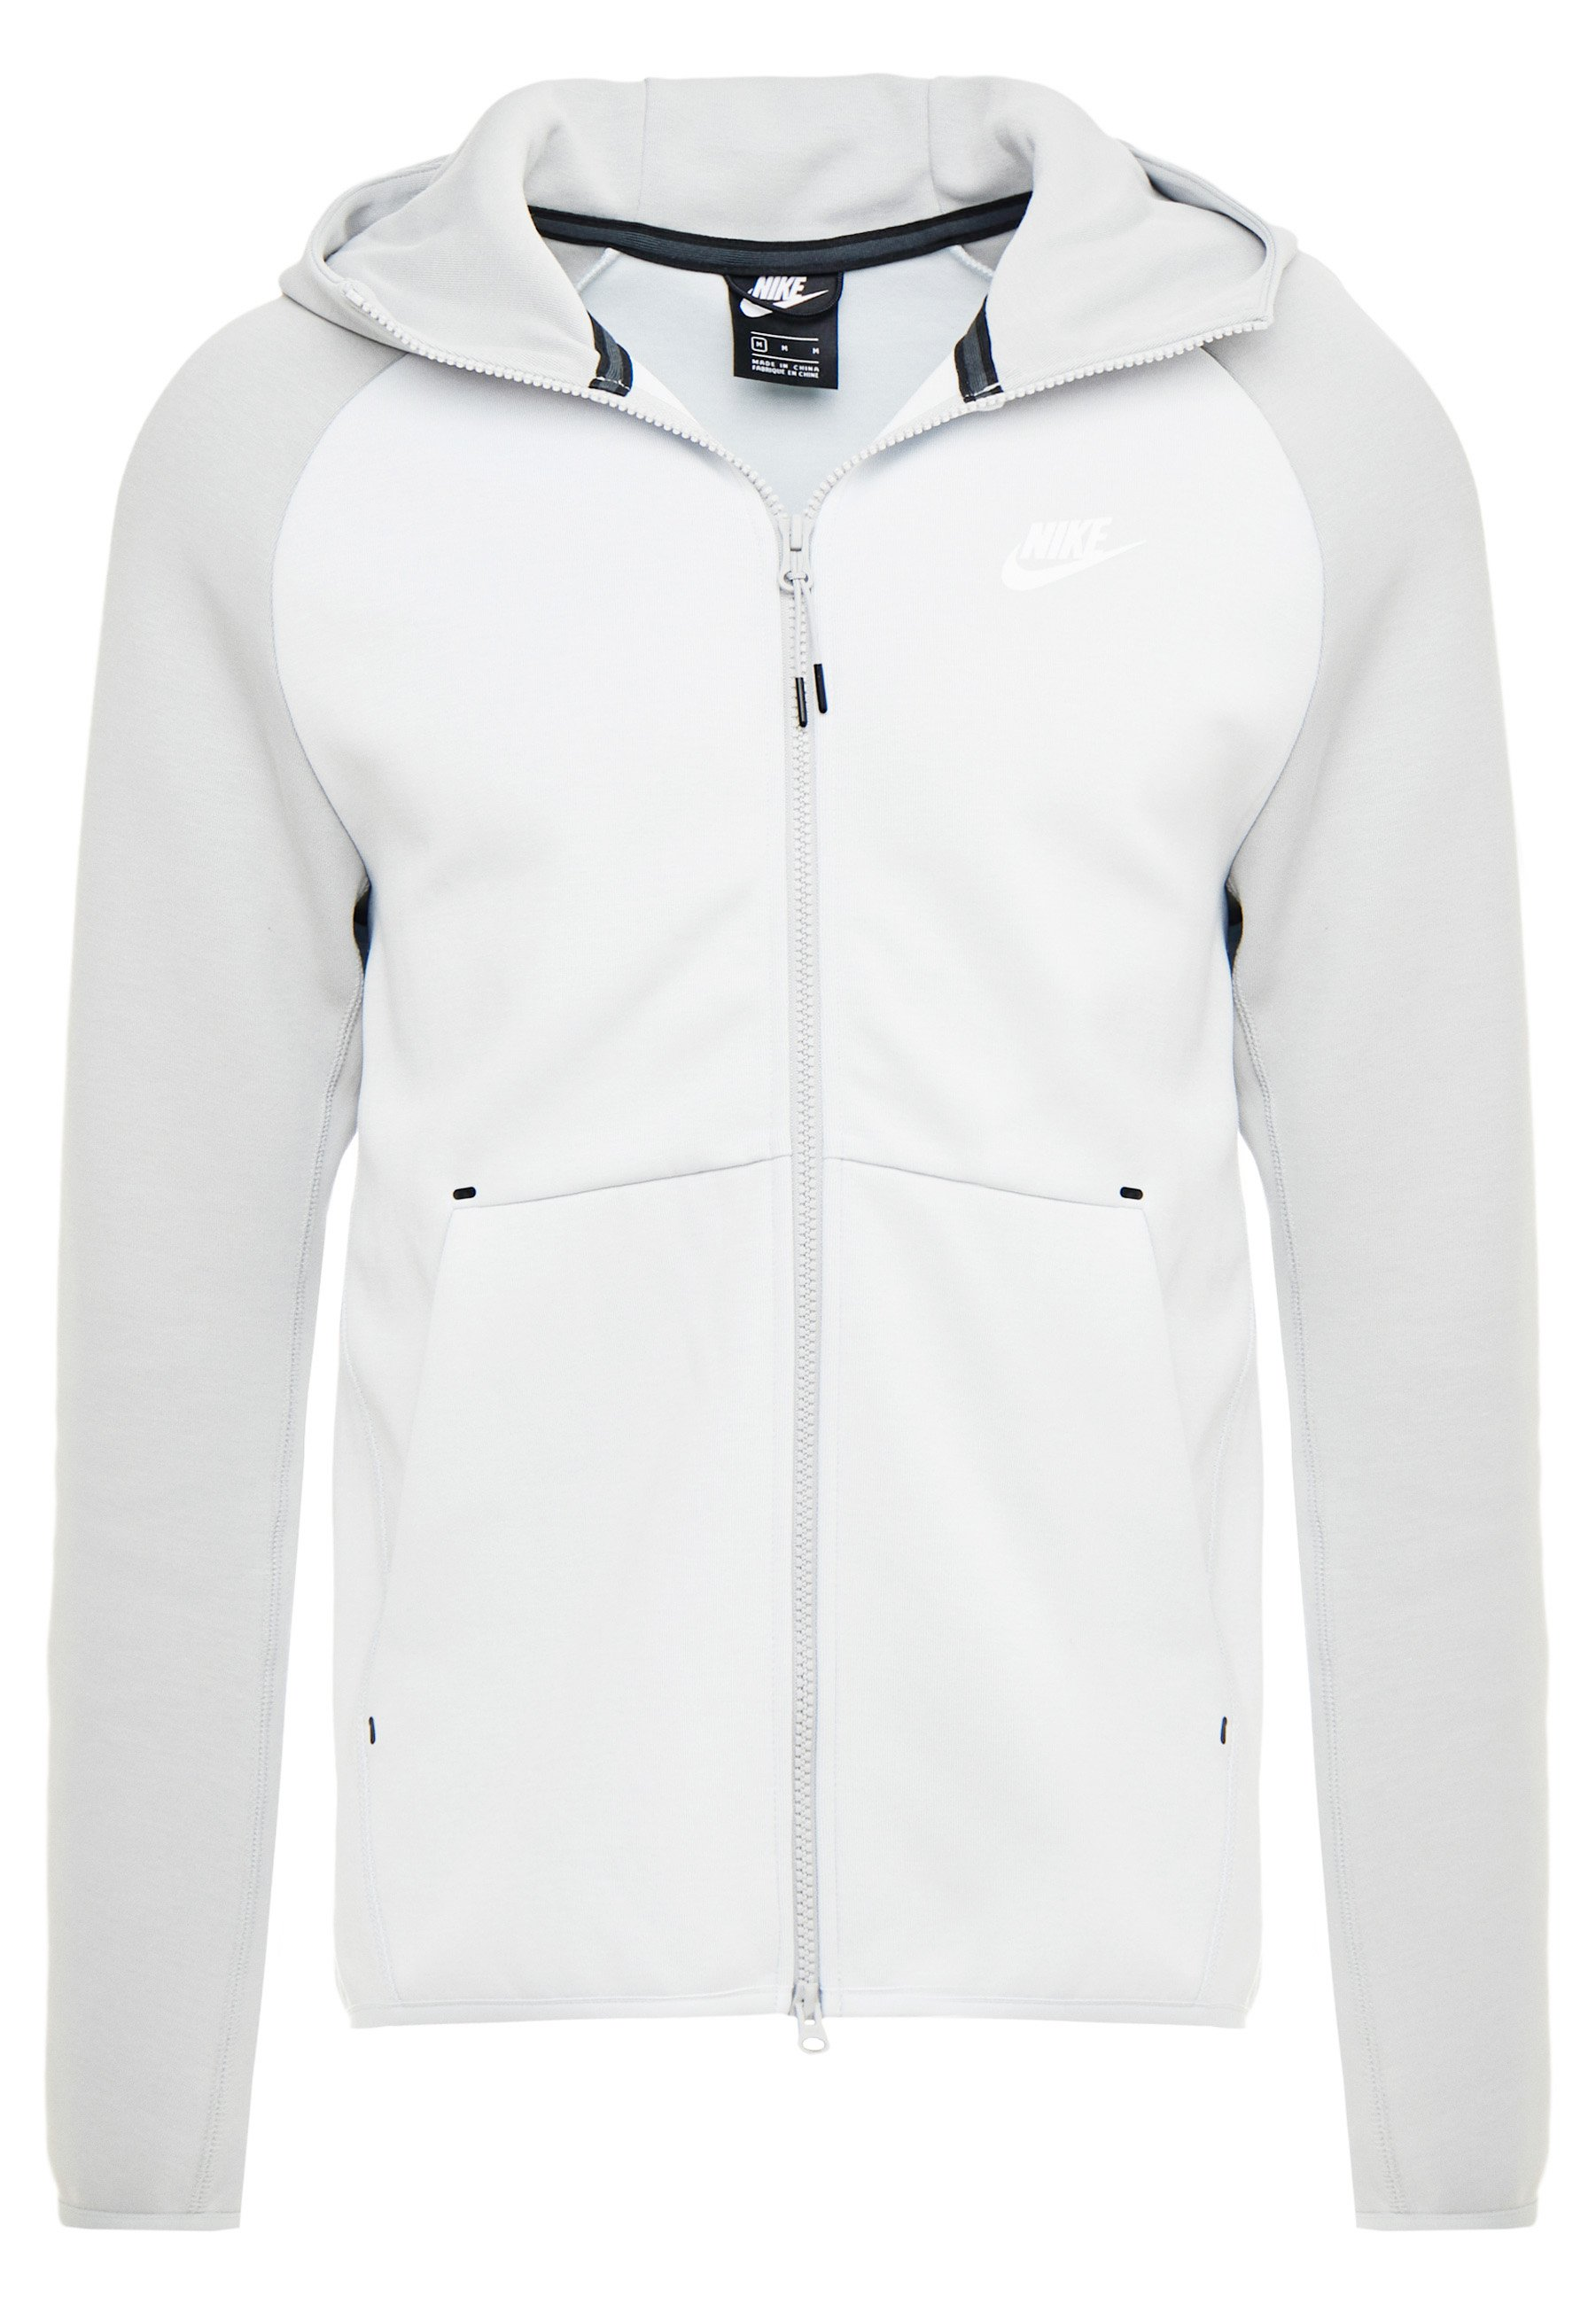 TECH FULLZIP HOODIE veste en sweat zippée pure platinumsmoke grey